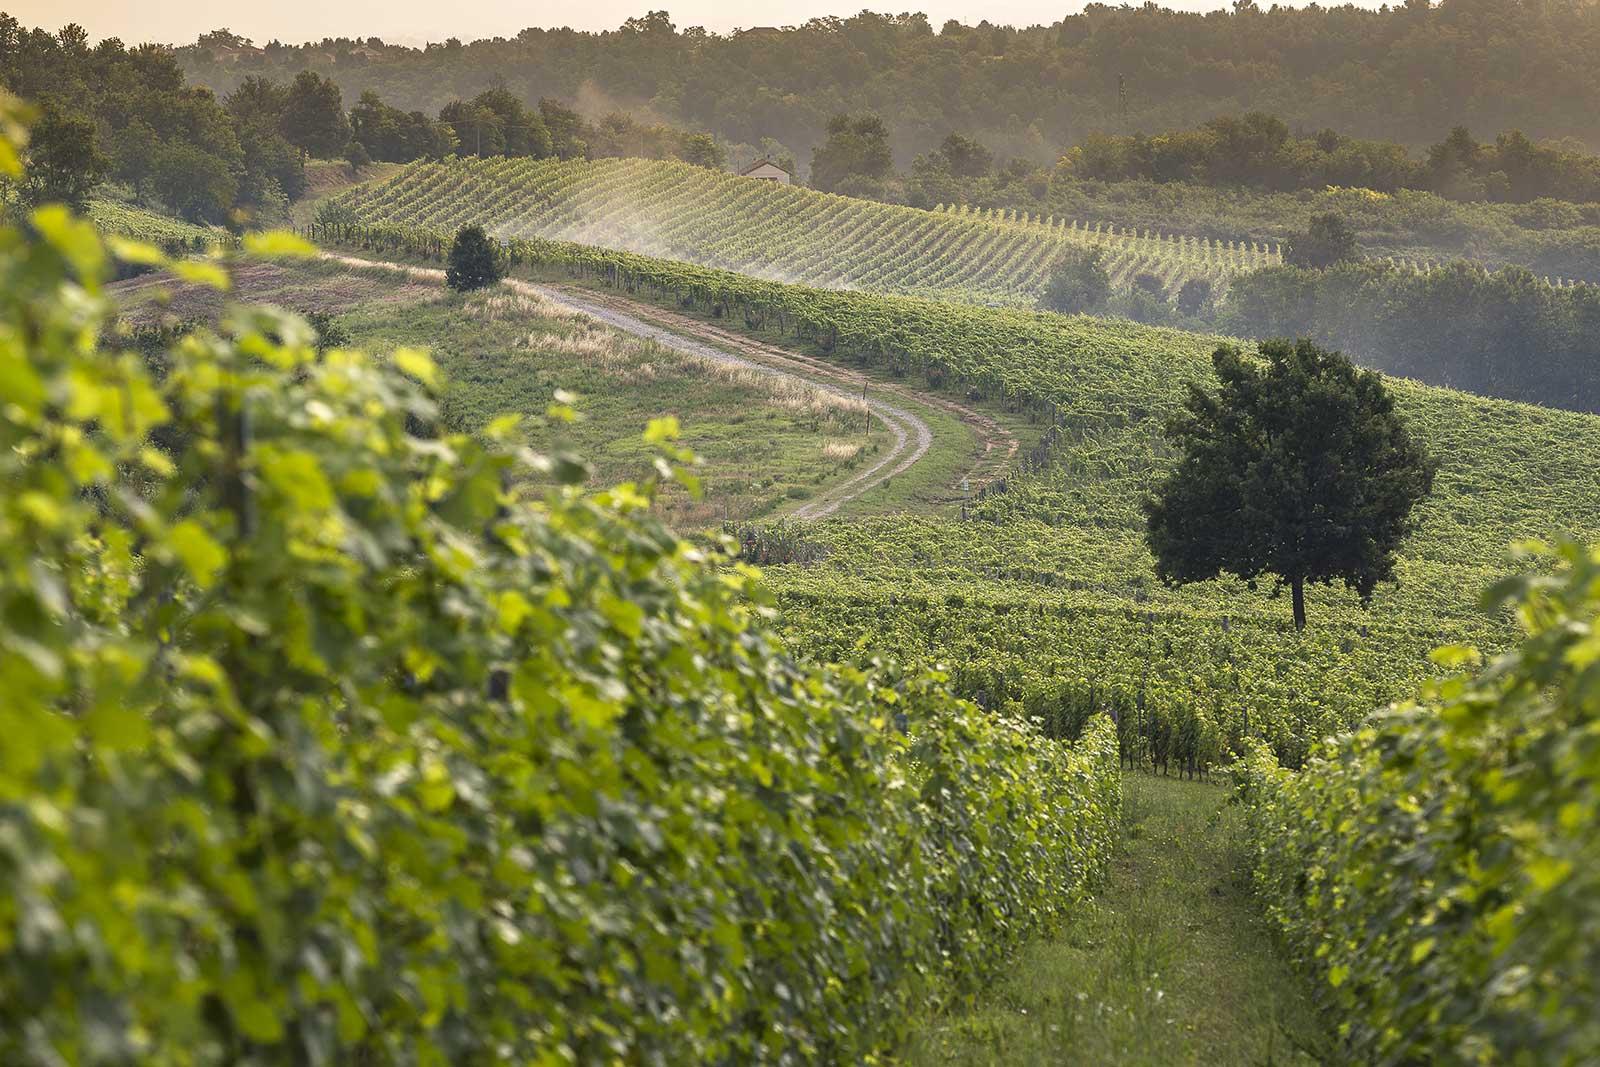 The Rocchetta Tanaro vineyard where Bricco dell'Uccellone comes from. ©Braida by Giacomo Bologna